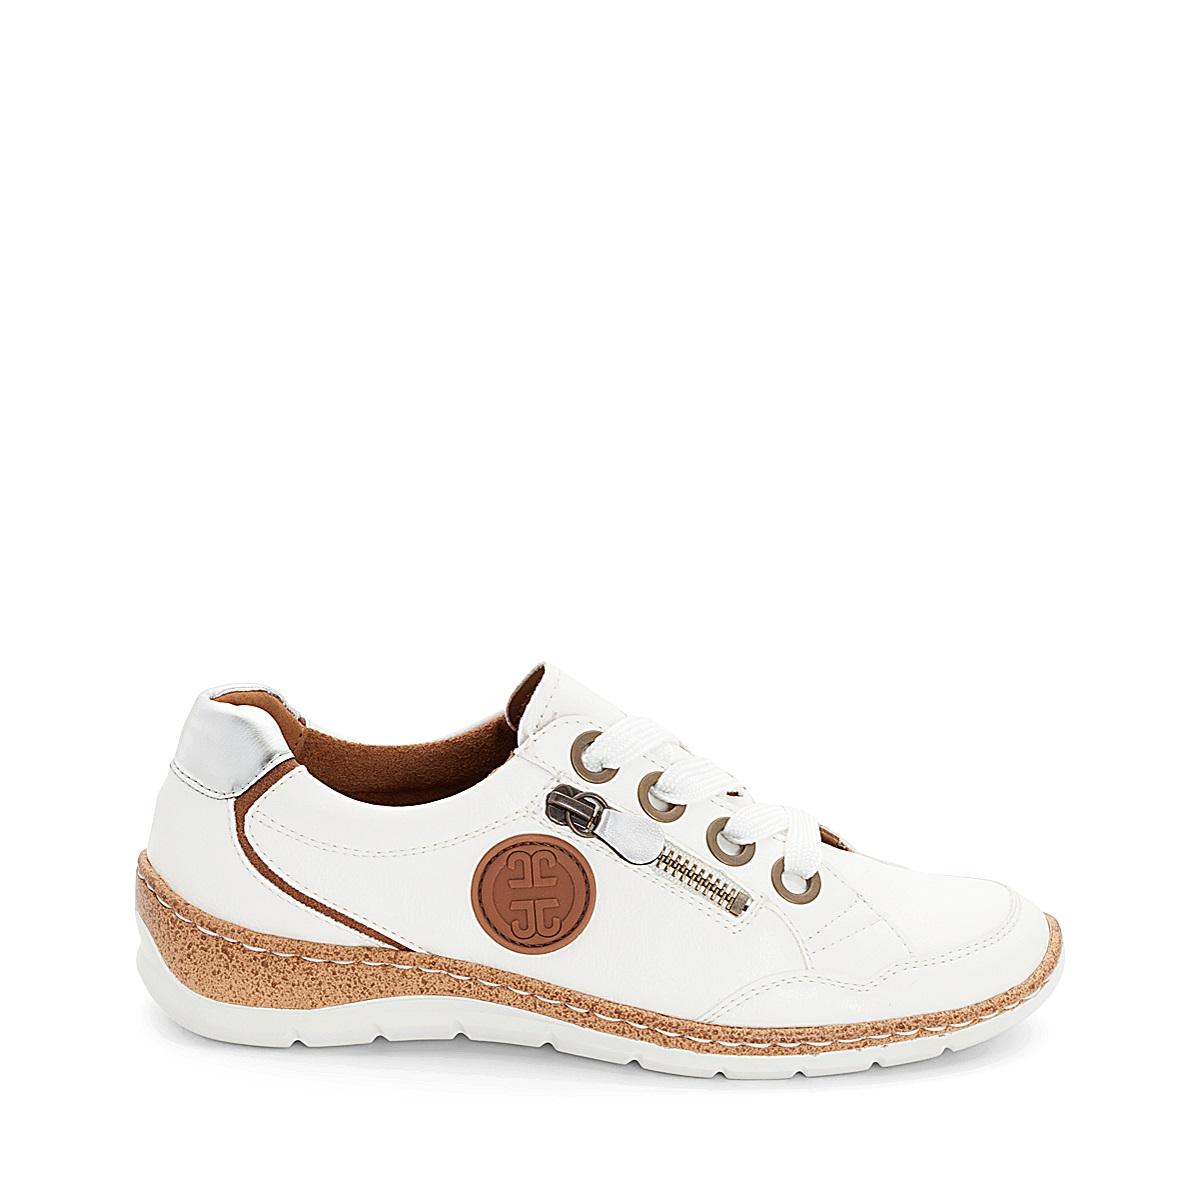 4c4a00fdaf JENNY-GILANG - Ara cipő webáruház